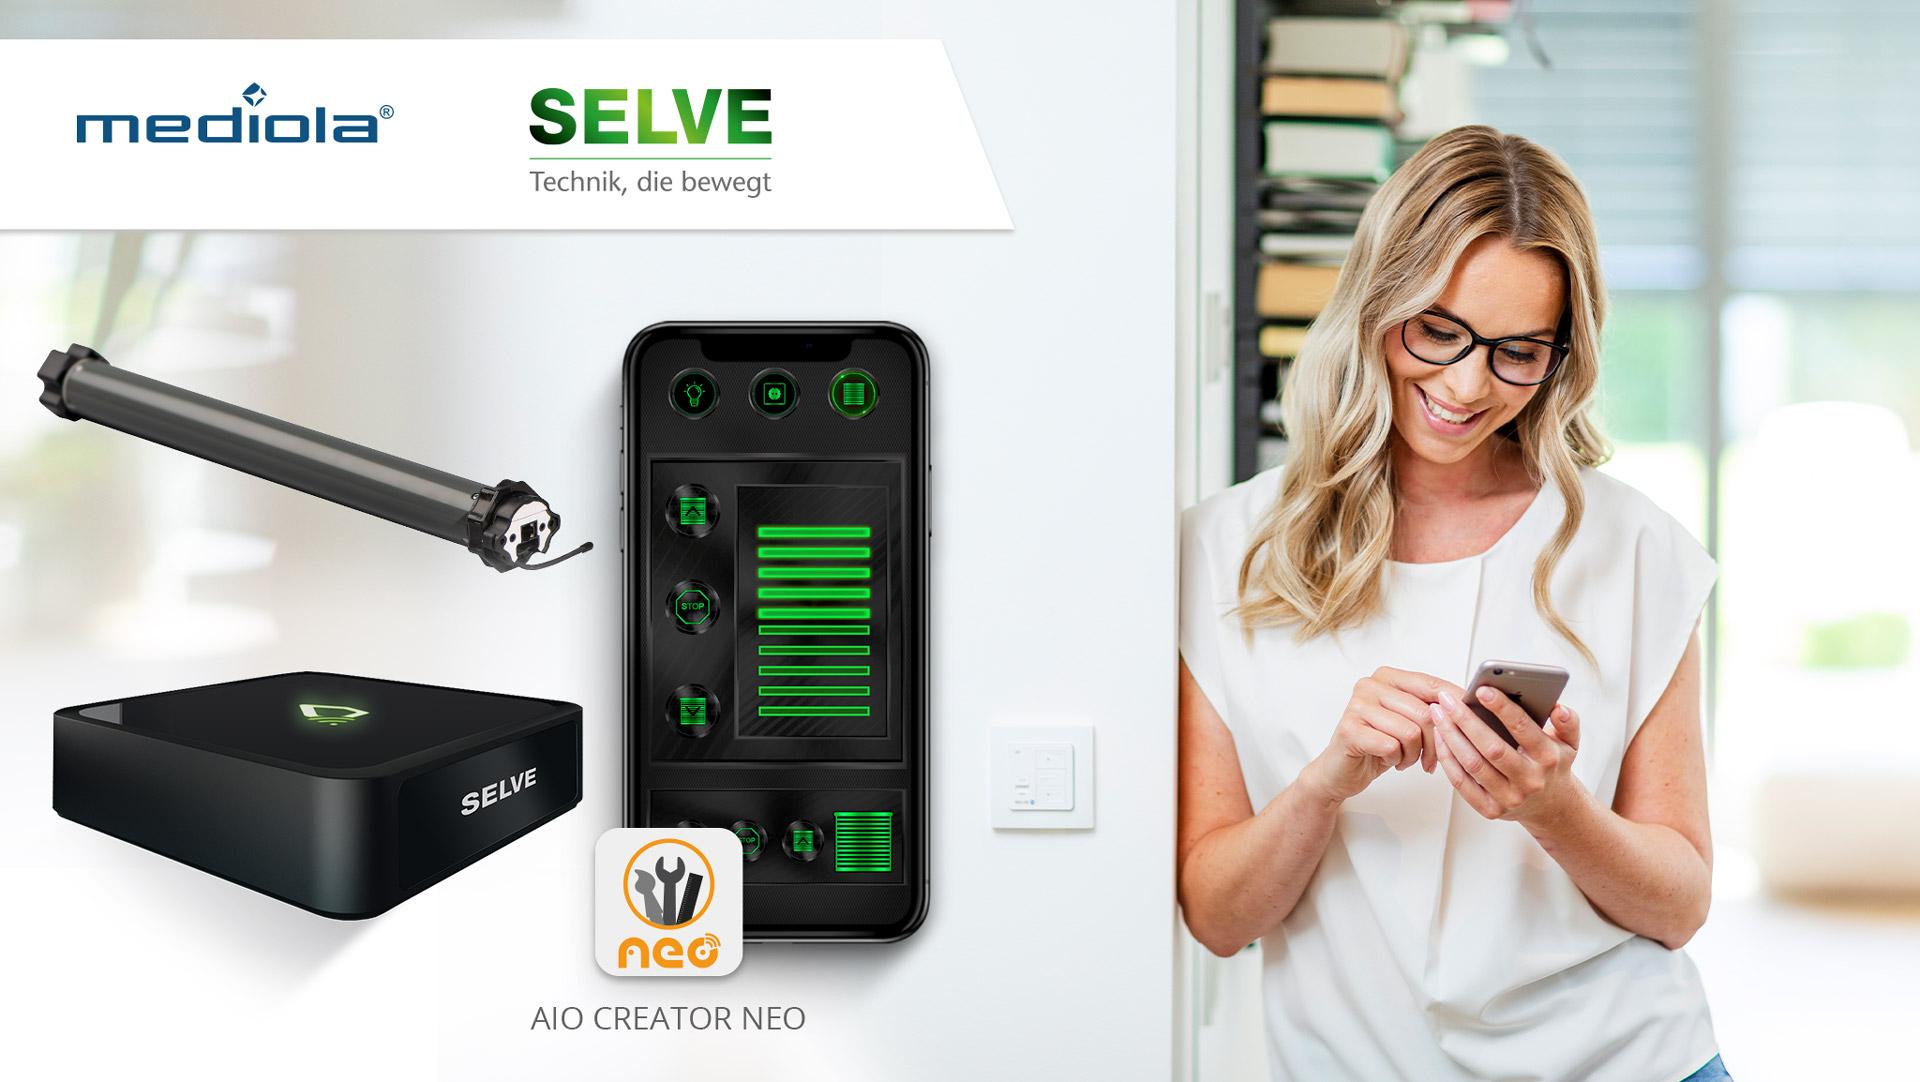 Mediola's AIO CREATOR NEO unterstützt ab sofort auch den SELVE Home Server 2